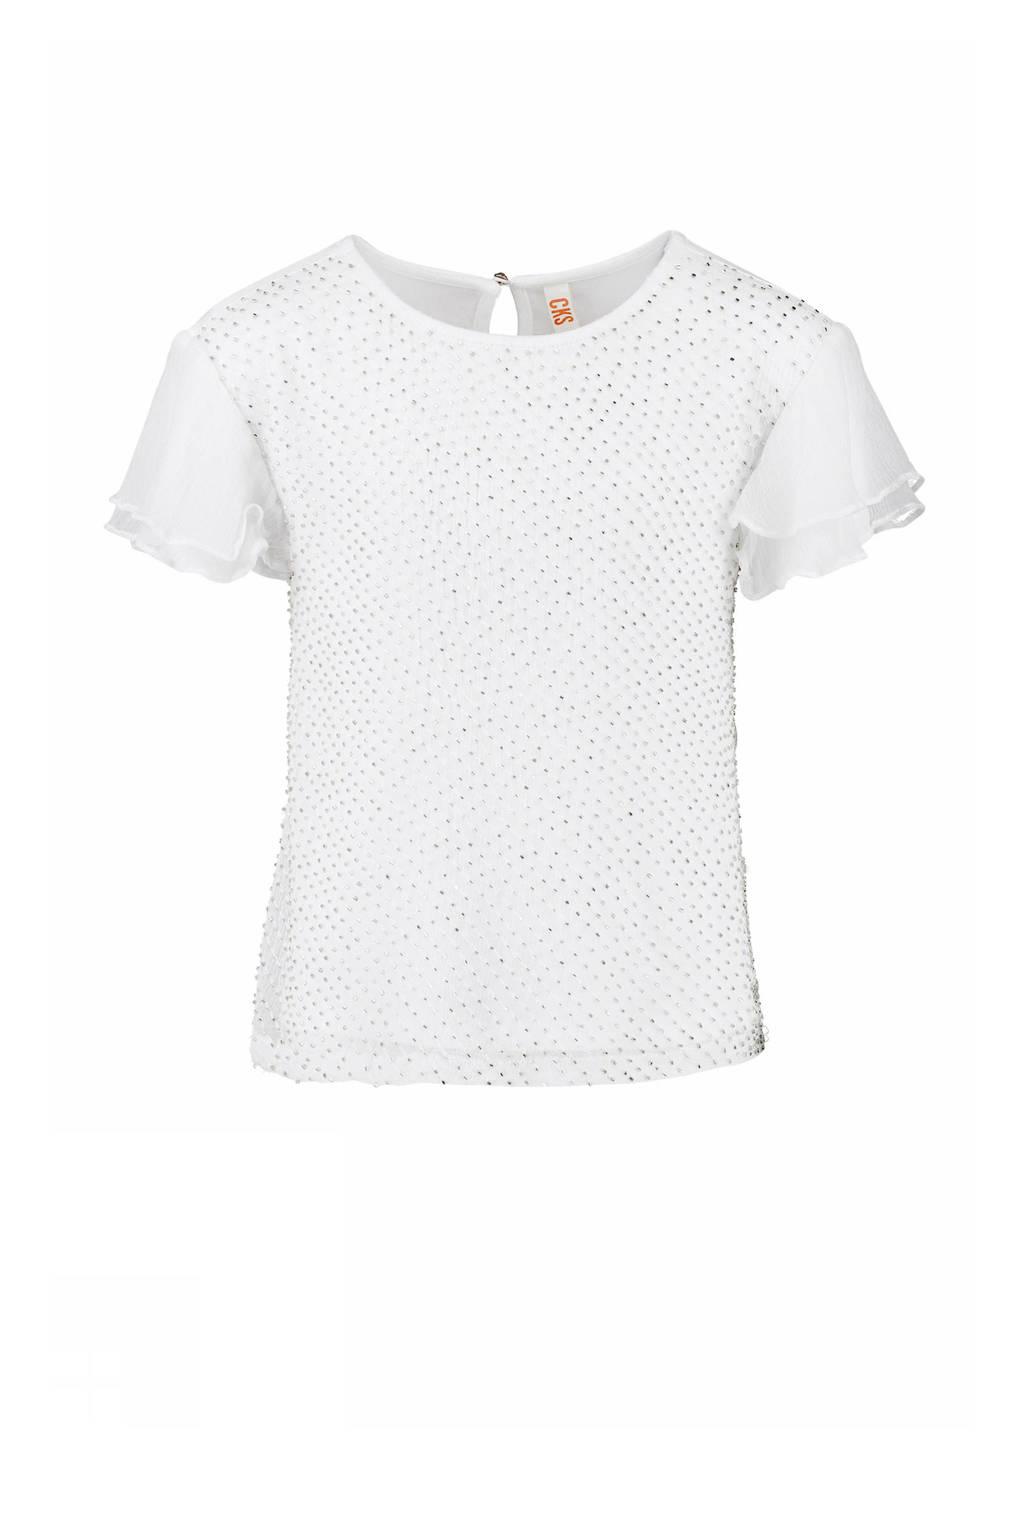 CKS KIDS top Gwendo met kraaltjes wit, Wit